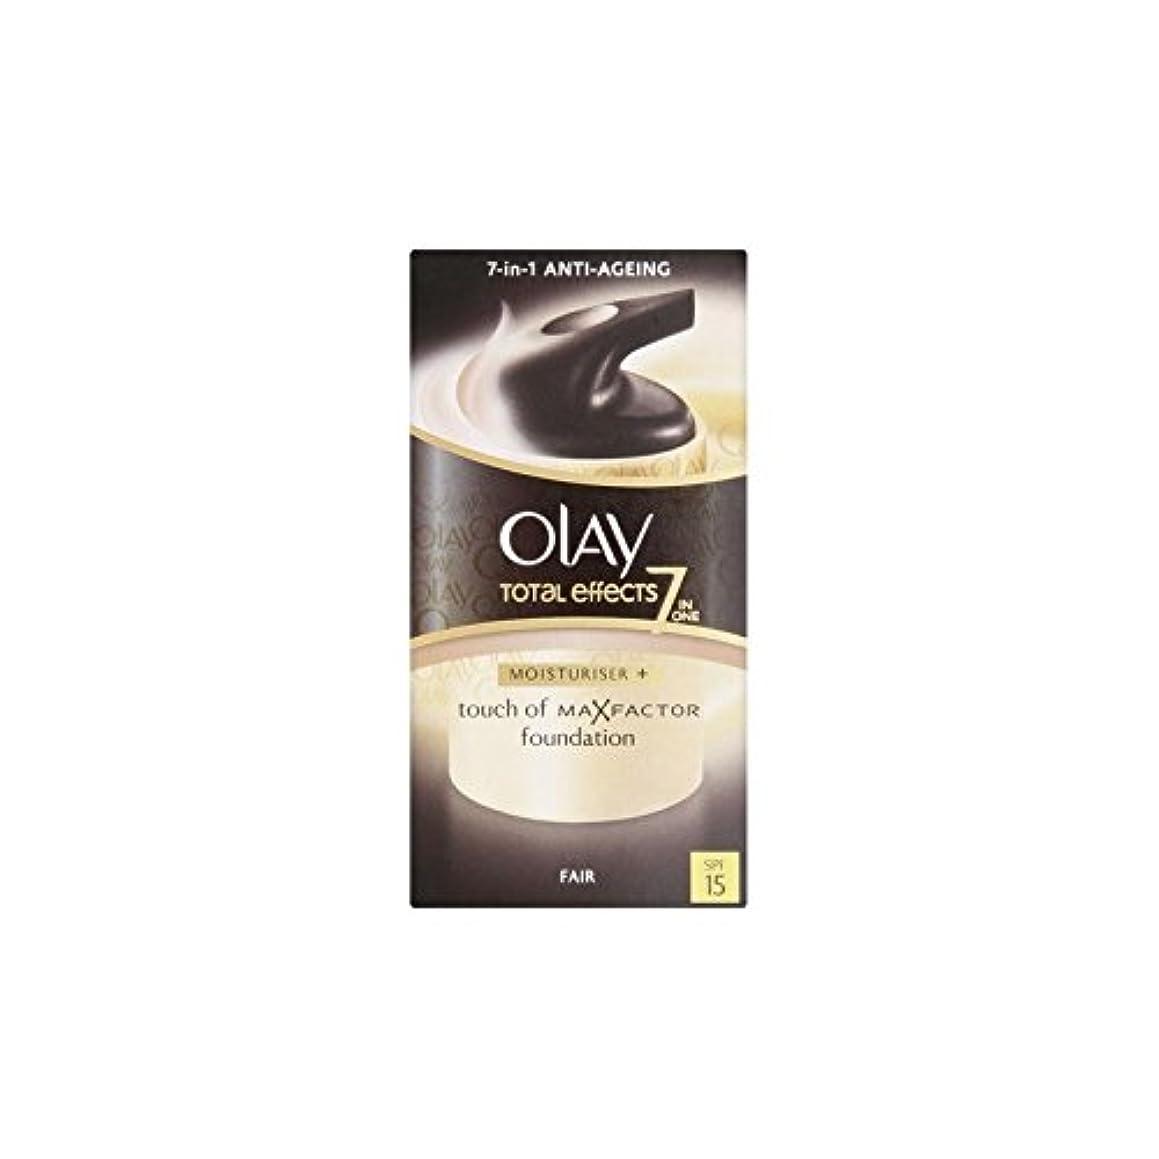 はず縫う細断オーレイトータルエフェクト保湿クリーム15 - フェア(50ミリリットル) x2 - Olay Total Effects Moisturiser Bb Cream Spf15 - Fair (50ml) (Pack of...